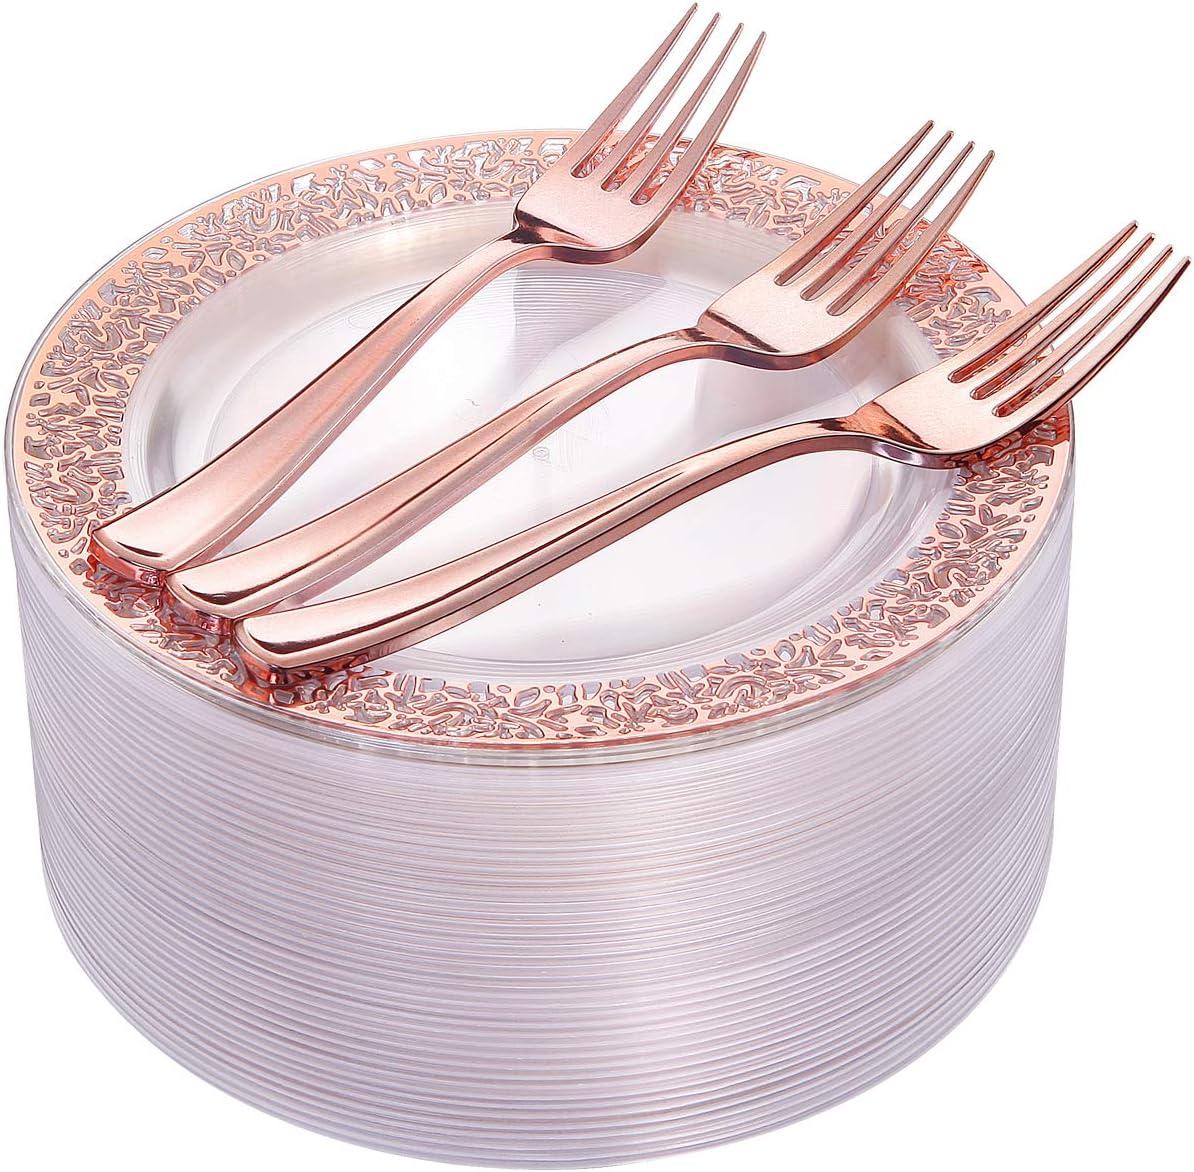 100 Becher 800-teiliges Geschirr-Set aus silbernen Kunststofftellern Silberfarben 72pcs dessert plates /& 72pcs forks rose gold 100 Papierhalme 100 Servietten 300 silberne Kunststoff-Tellern